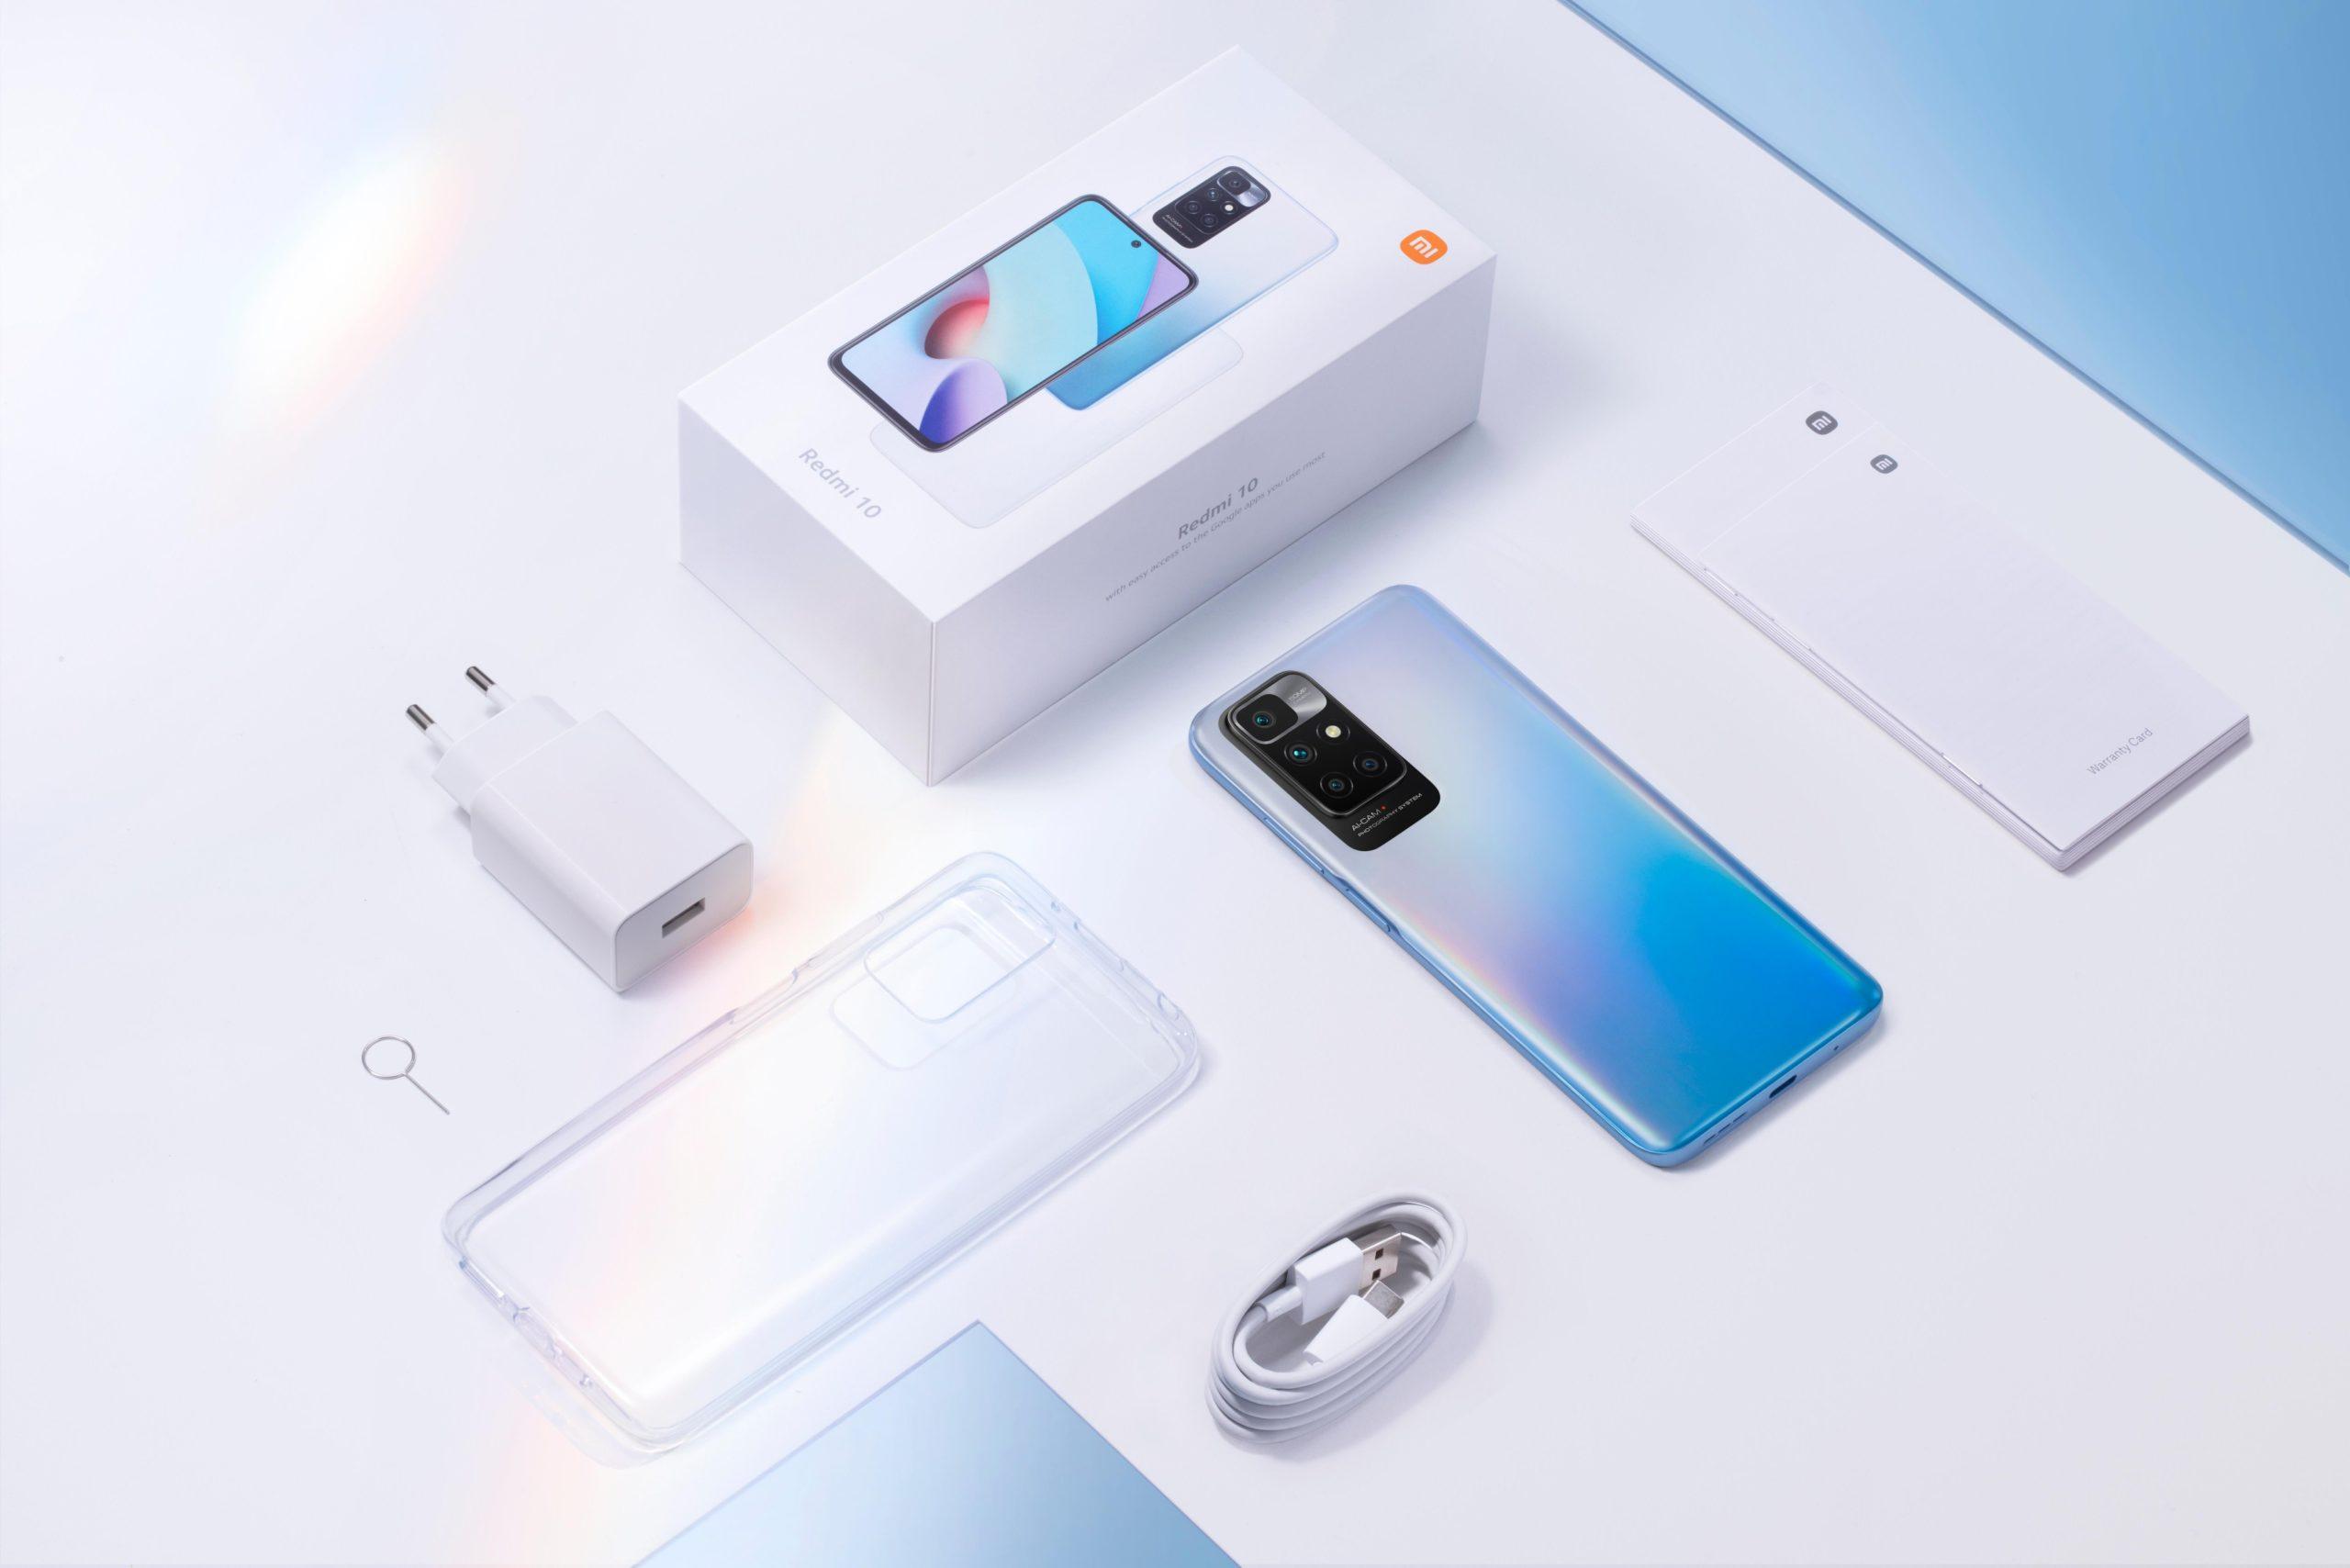 Xiaomi не жадничает: снова вышел дешевый смартфон с FullHD+, 90 Гц, 50 МП и мощным MediaTek Helio G88